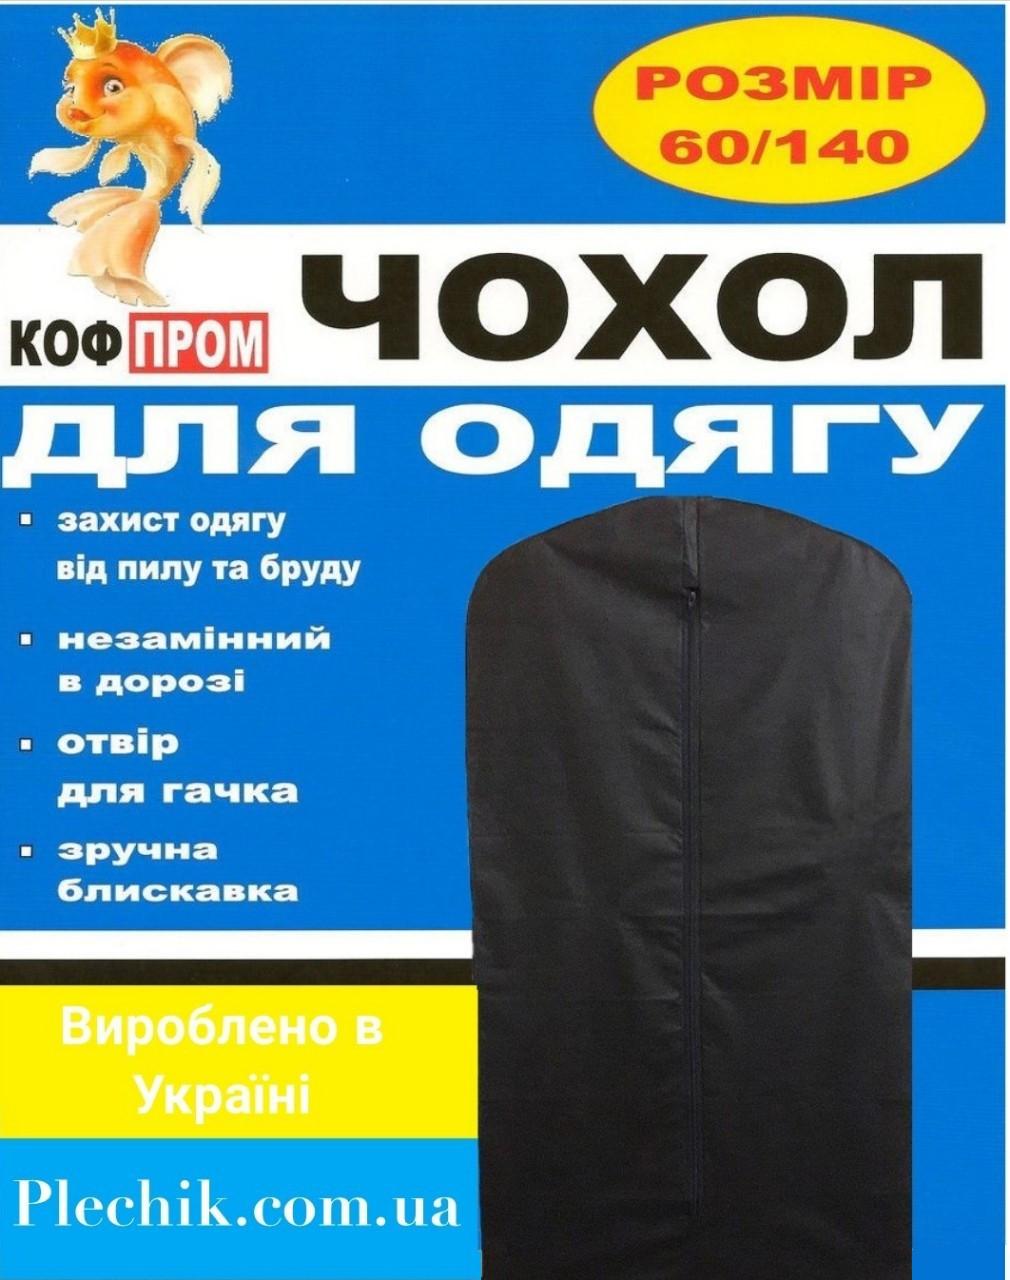 Чехол для хранения одежды флизелиновый на молнии бежевого цвета, размер 60*140 см